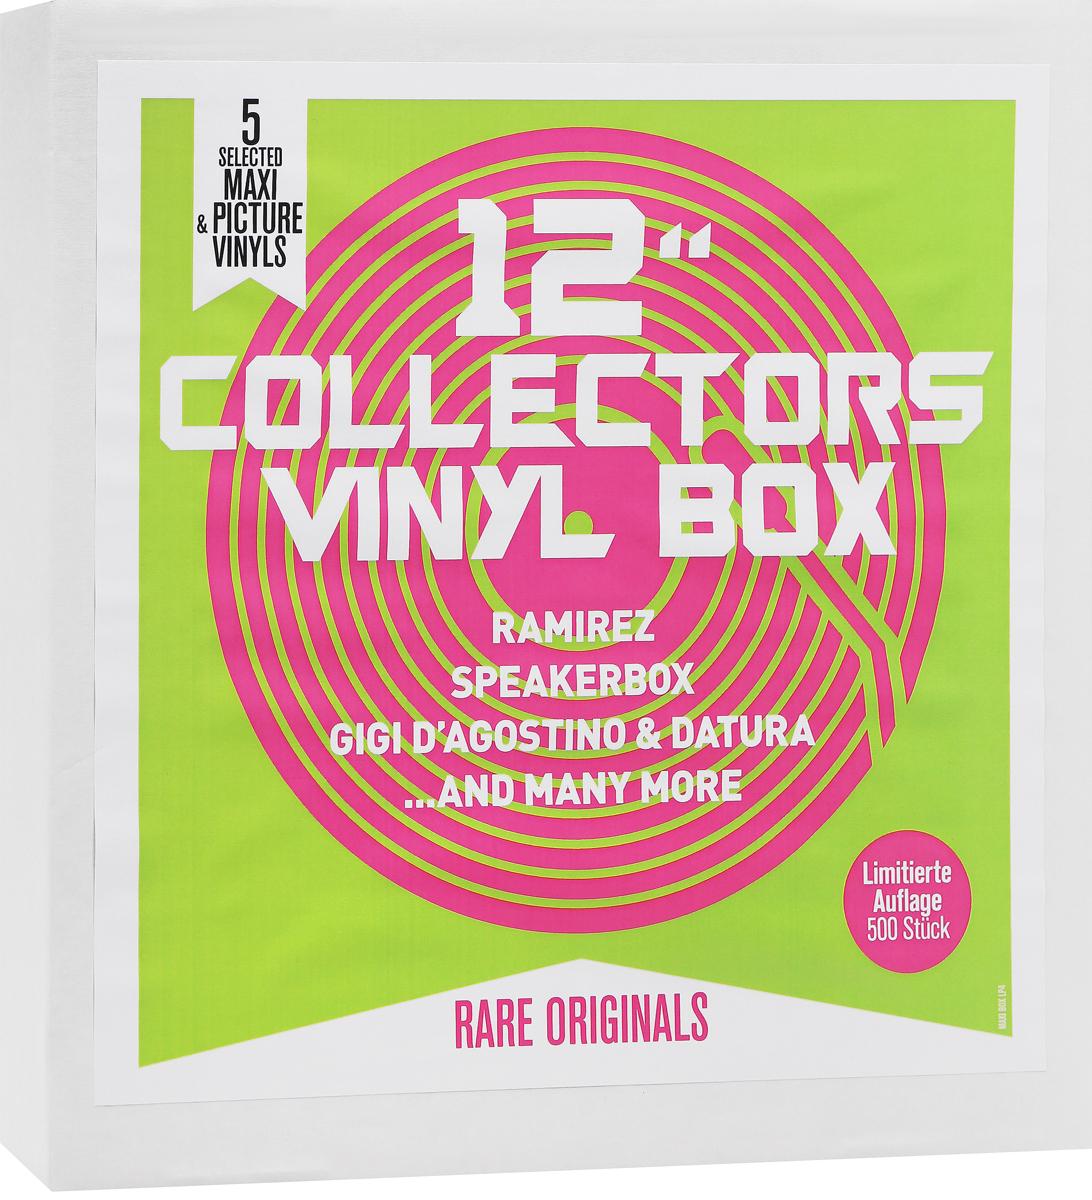 Жижи Д'Агостино,Datura,Speakerbox,Ramires 12 Collector's Vinyl Box (5 LP) фрик номд dj ramires freak nomad new account mixed album by dj ramires